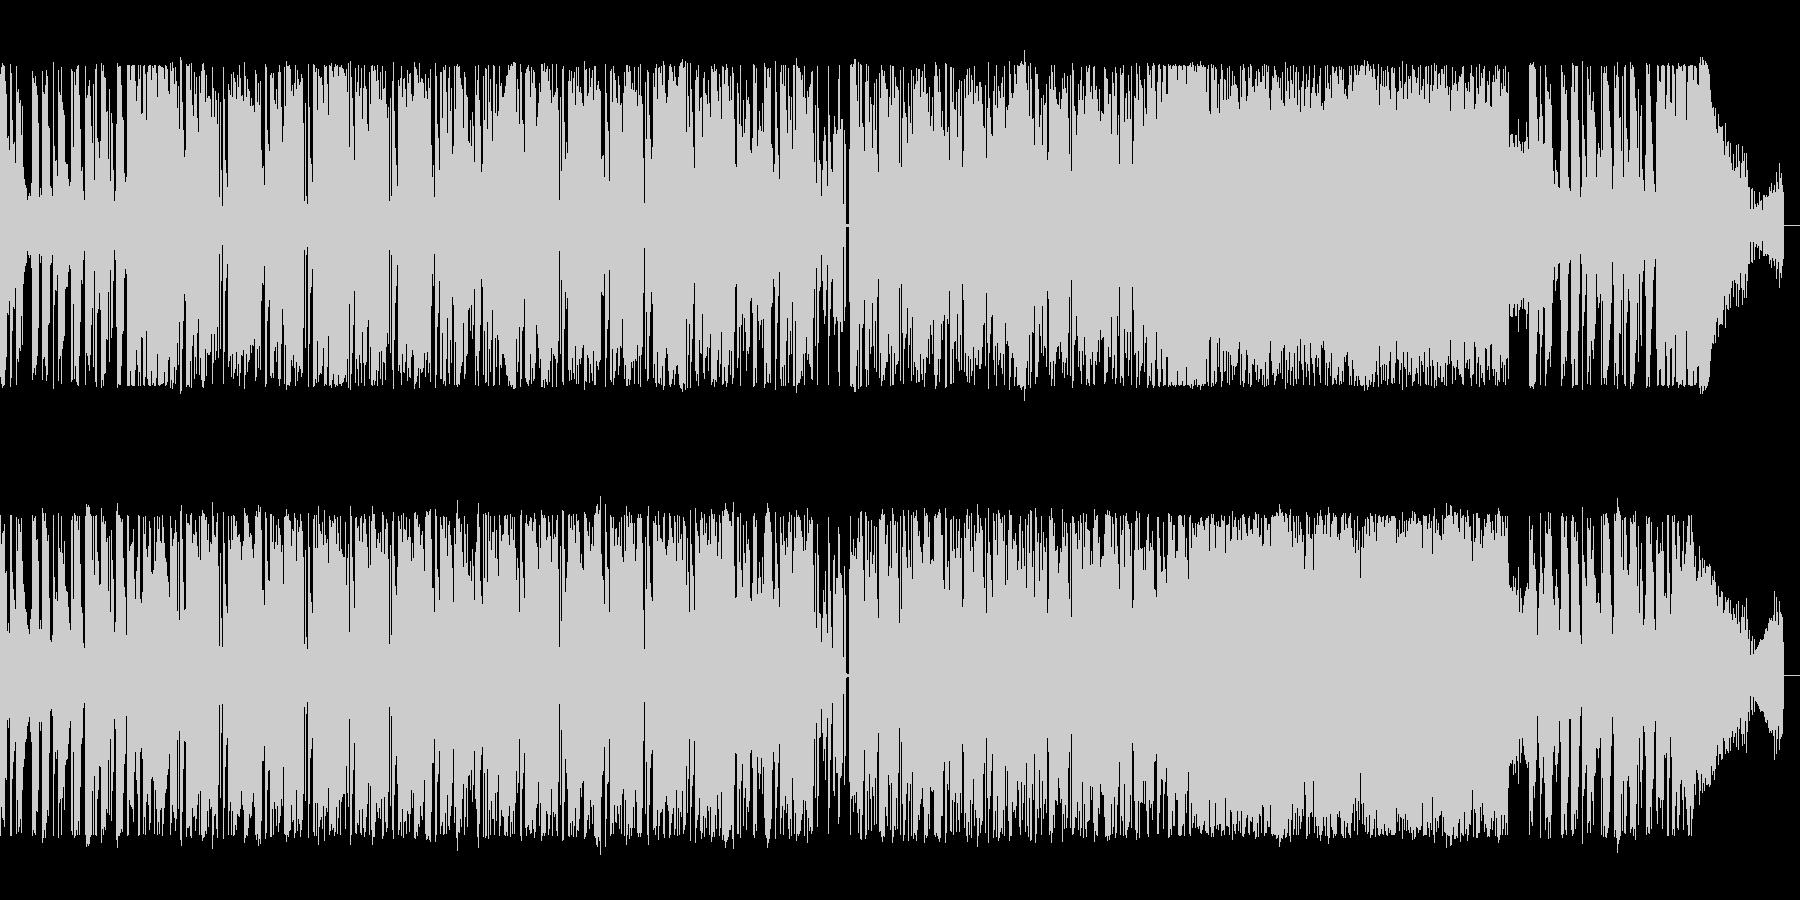 ギターとシンセサイザーのハードロックの未再生の波形